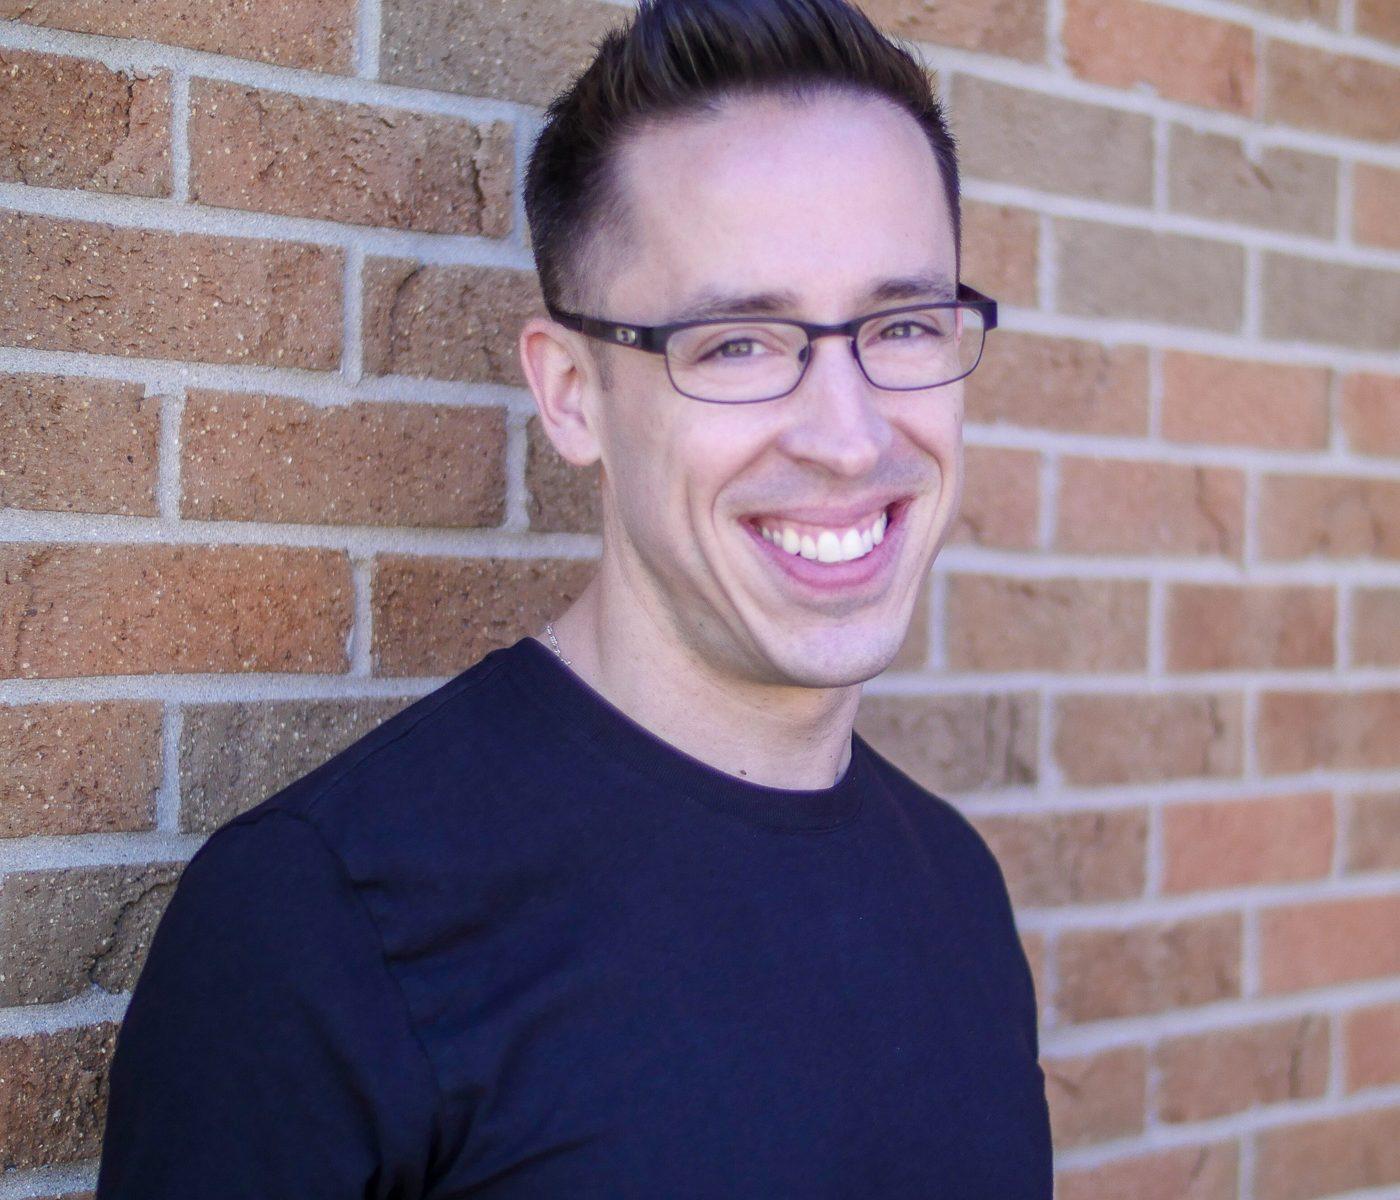 Matt Kush